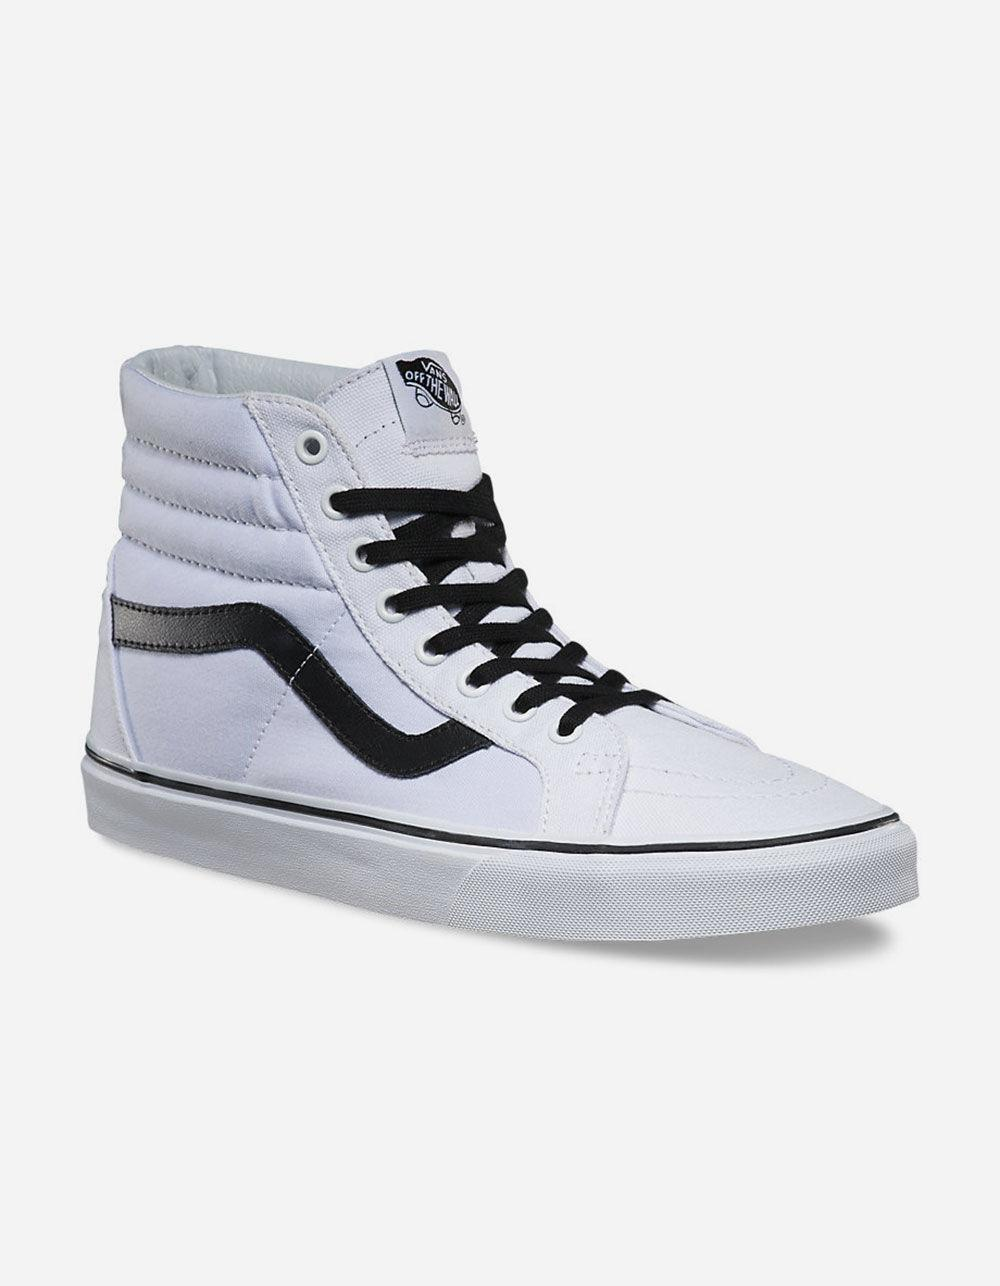 aaa9ea684e3976 Lyst - Vans Sk8-hi Reissue True White   Black Mens Shoes in White ...